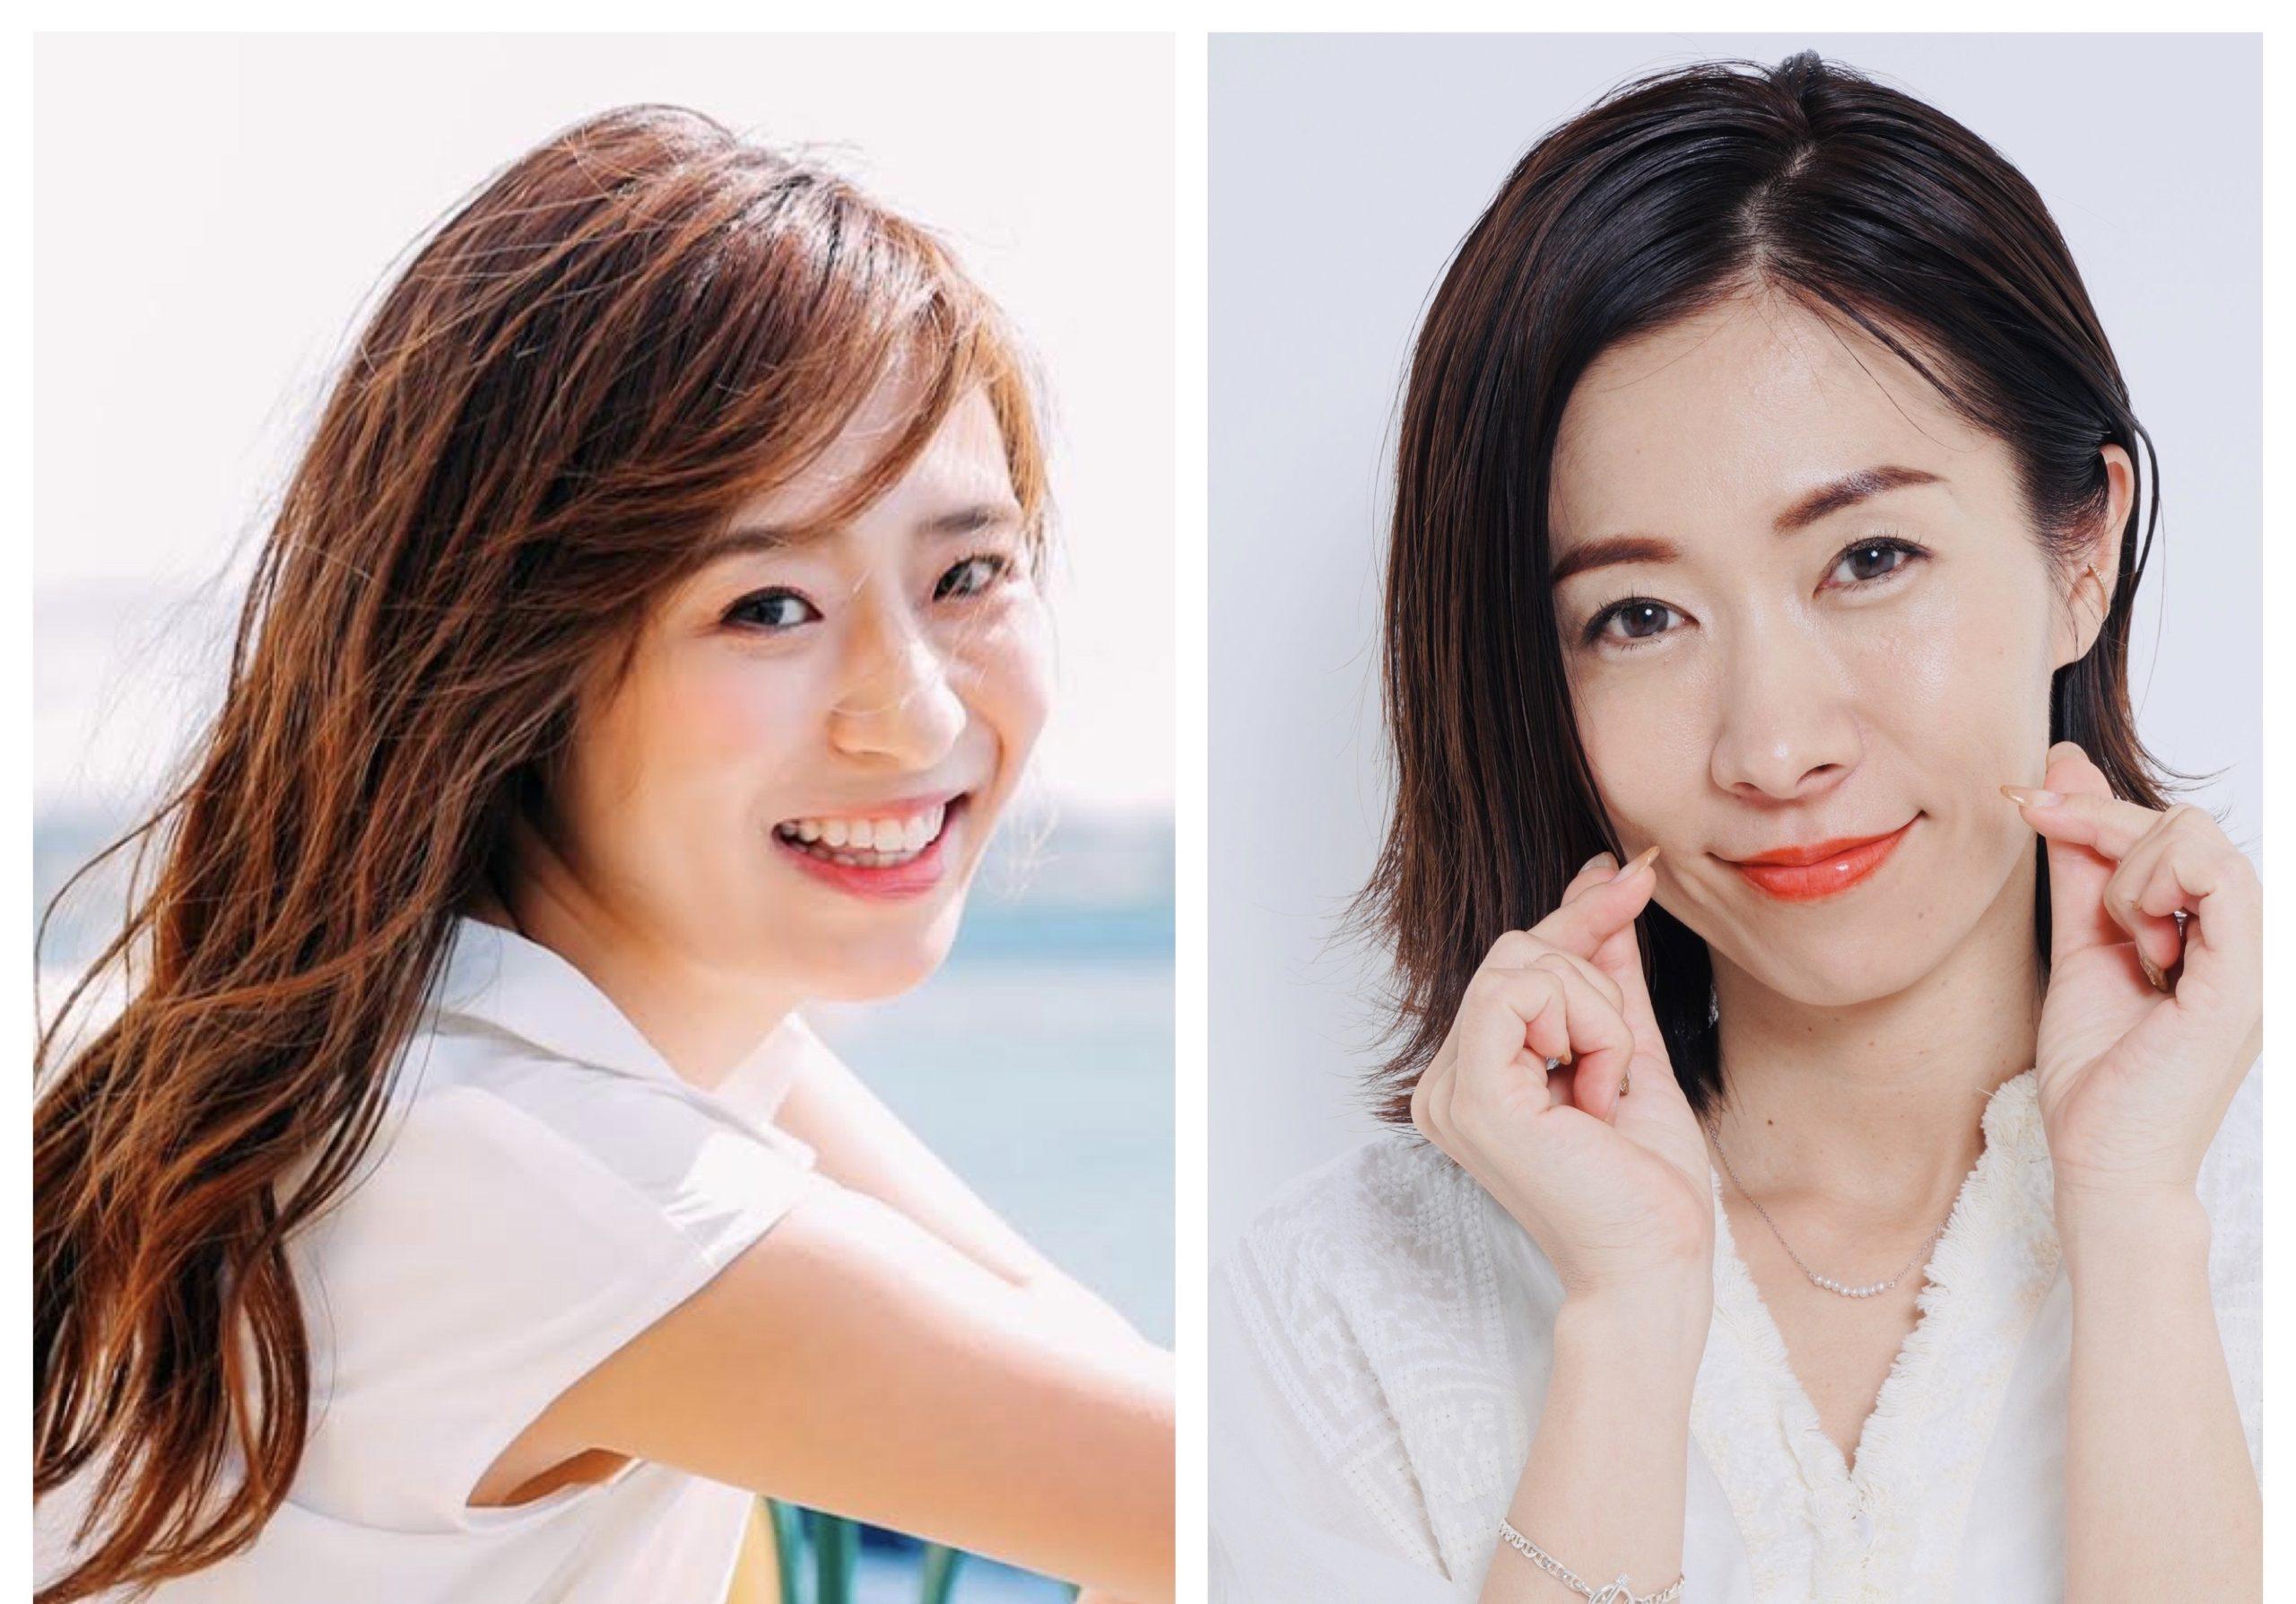 「『DAG the LINKS』渋谷クロスFM放送スタート!」のアイキャッチ画像